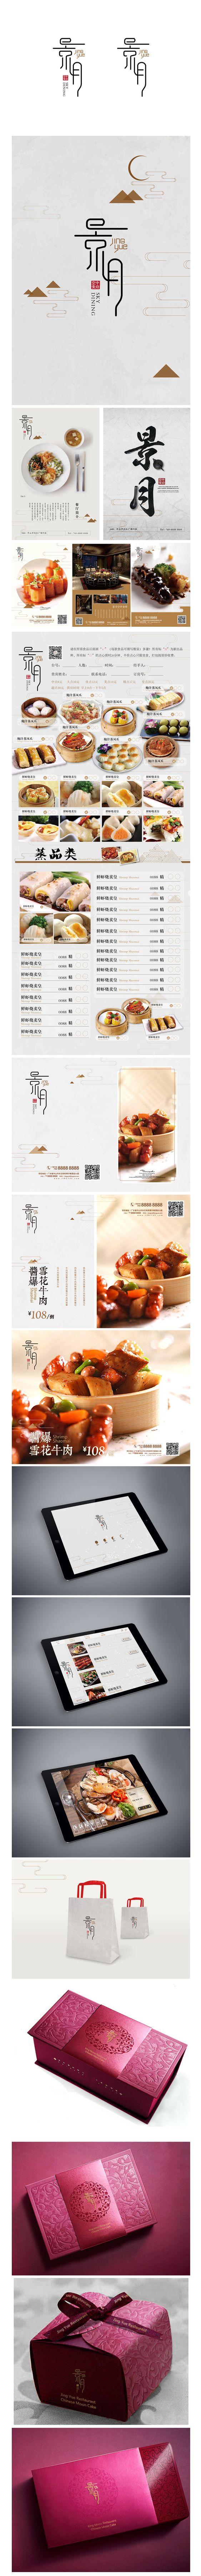 【景月】空中食府VI设计-新国度广告设计...@形易设计采集到012/ 餐饮系列设计(212图)_花瓣平面设计